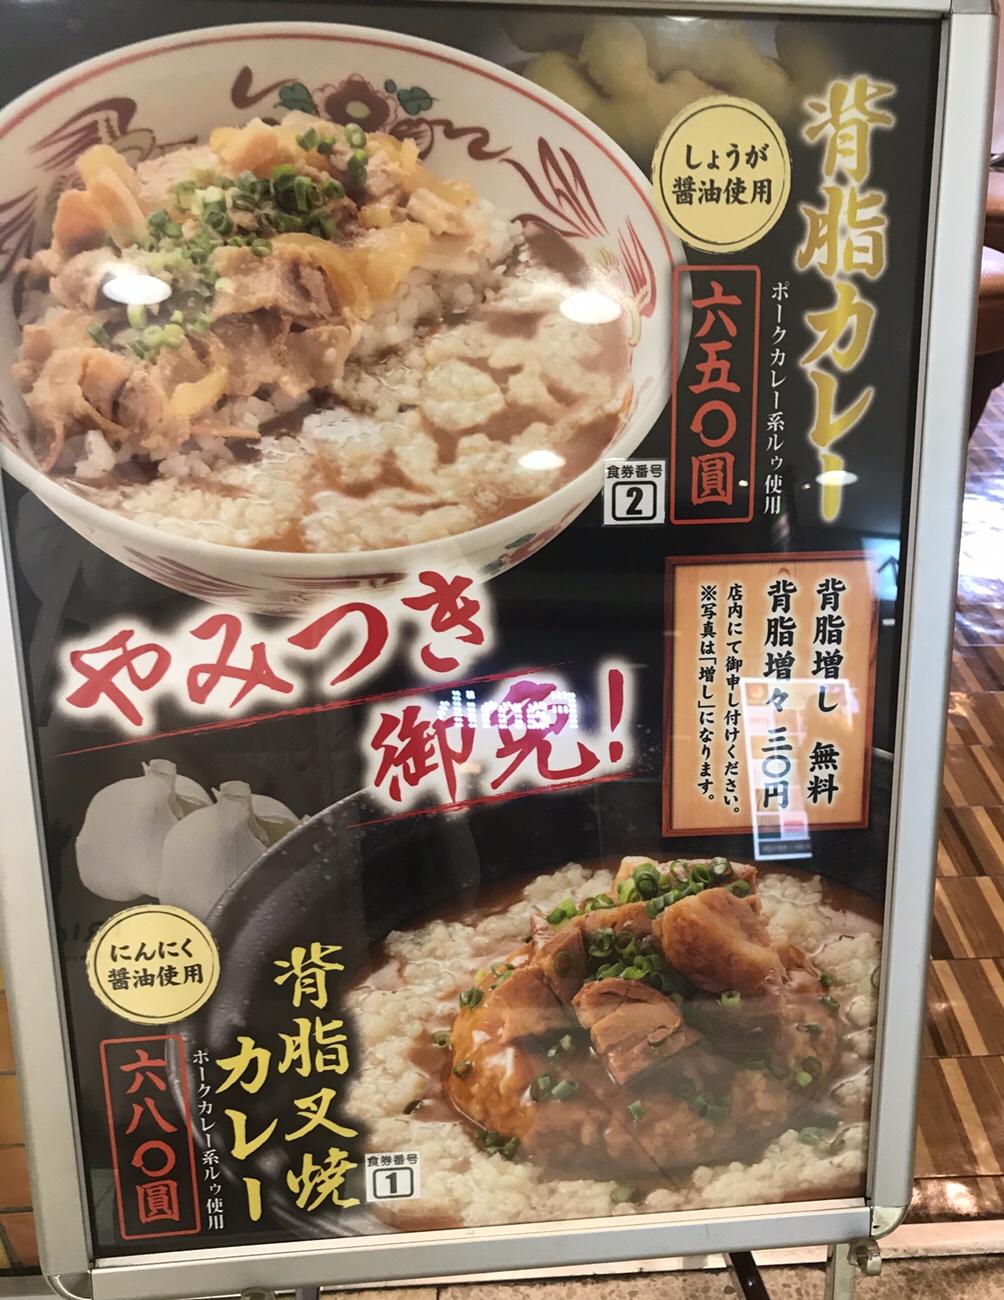 カレーハウス11イマサ新宿 背油カレー